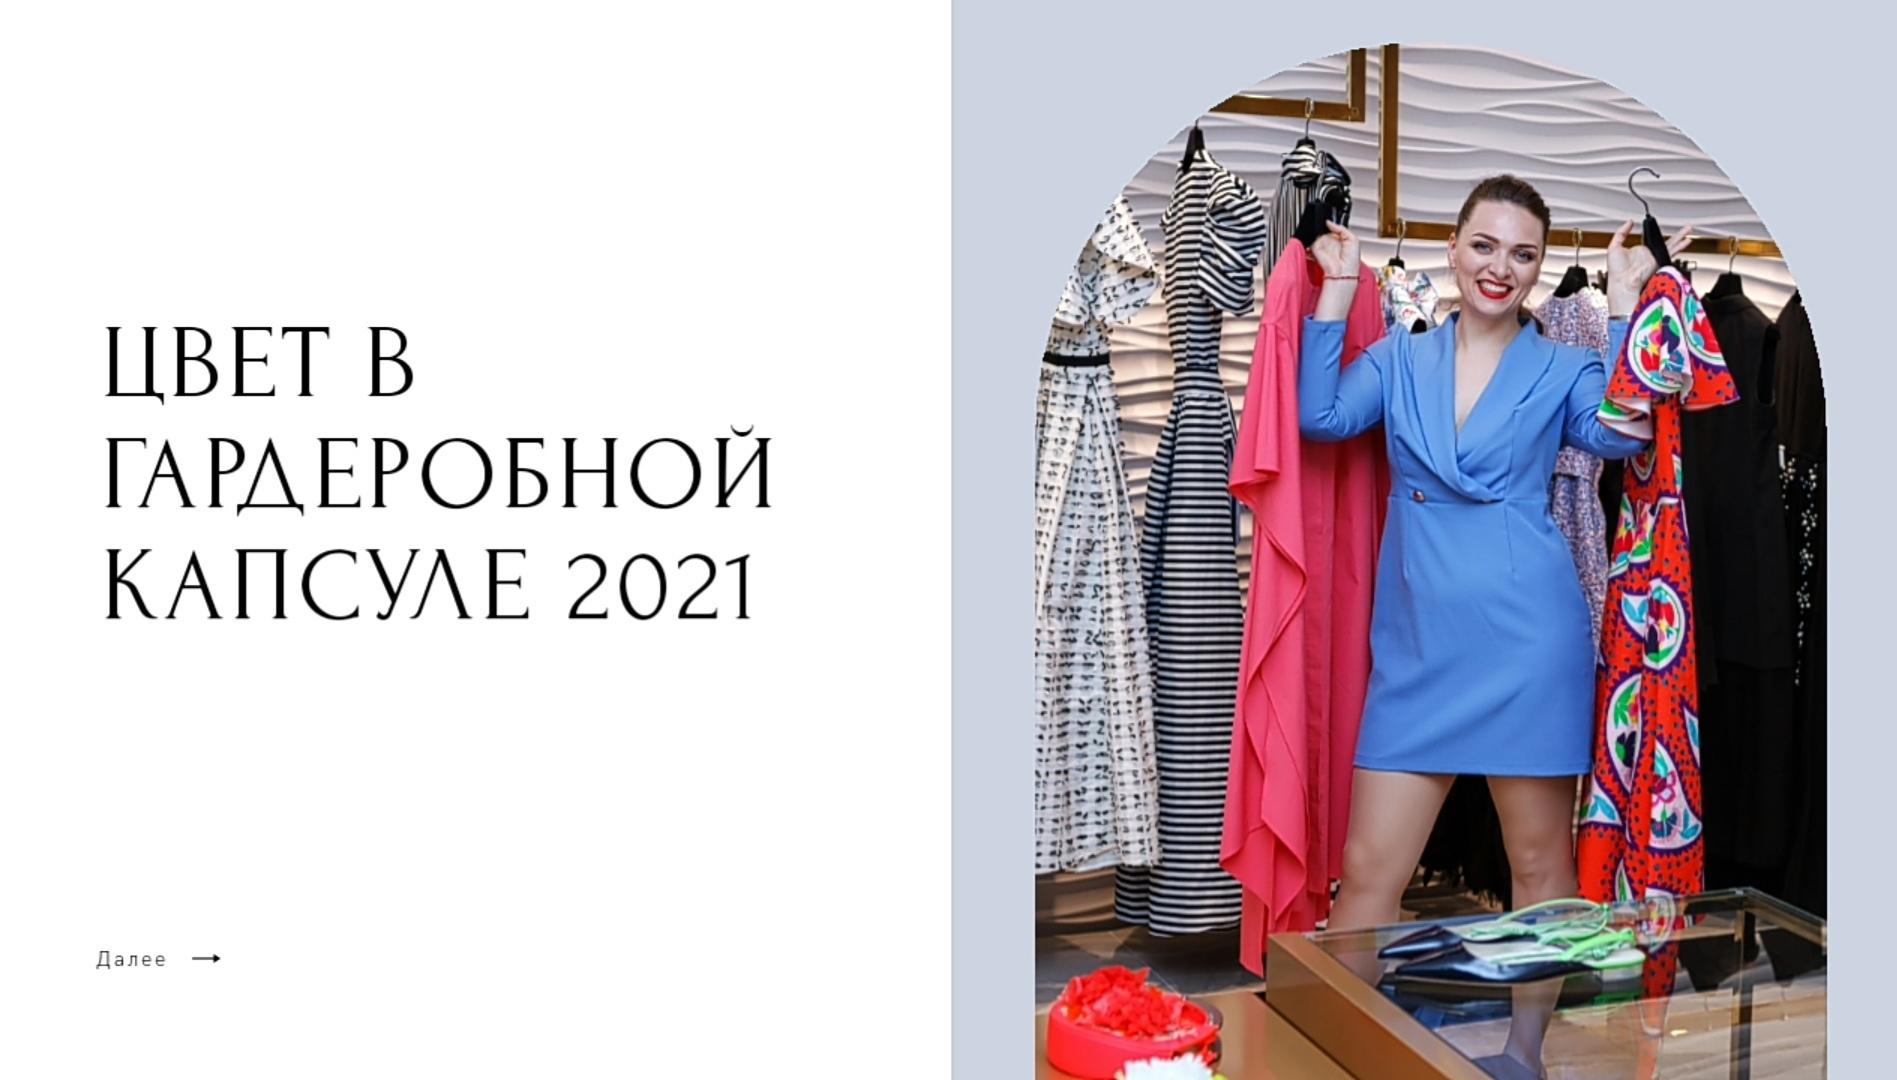 """""""Цвет в гардеробной капсуле 2021"""""""